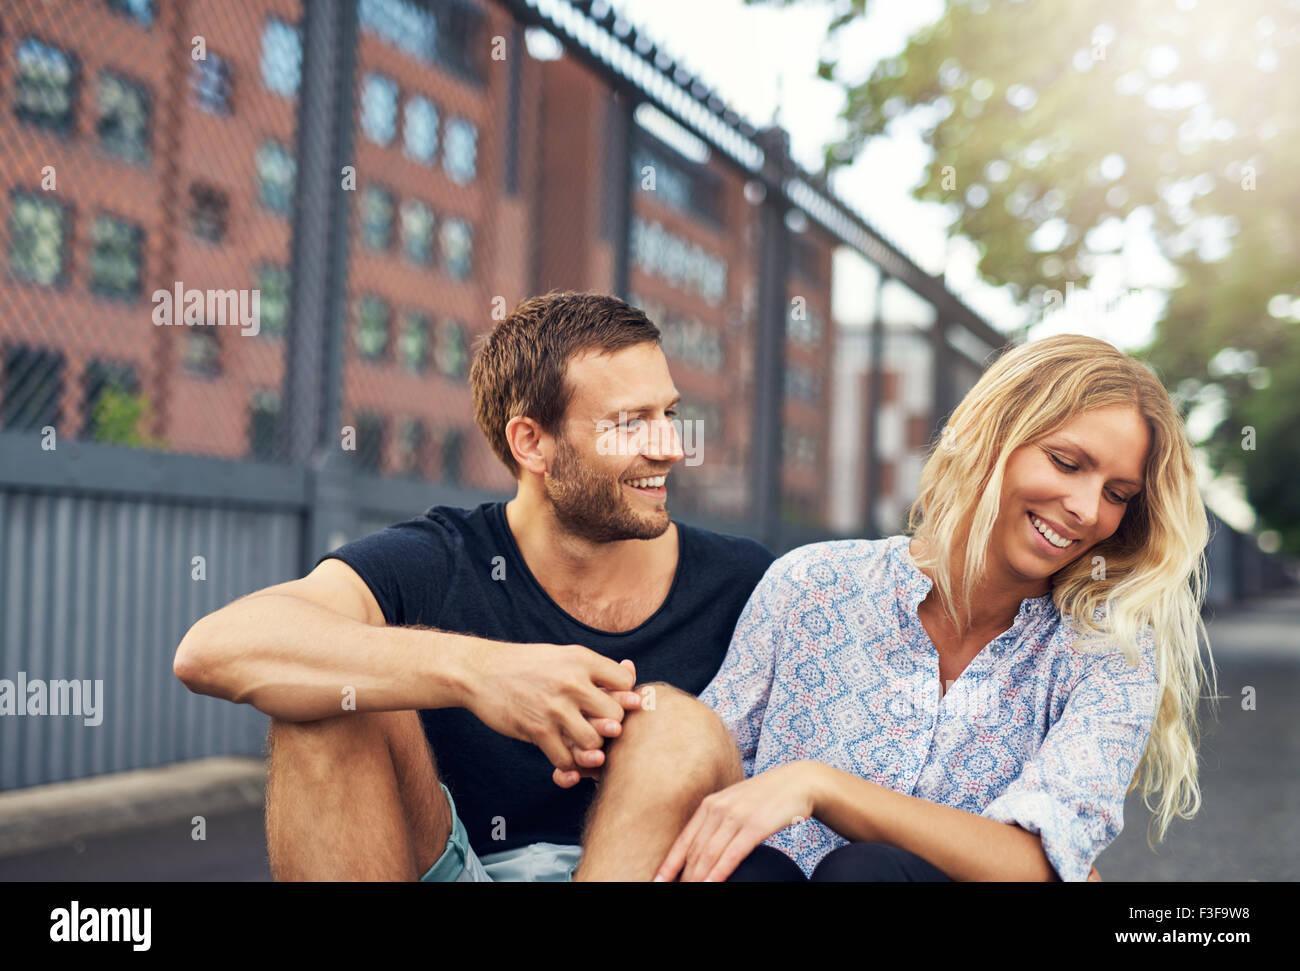 L'uomo teasing la sua fidanzata, grande città giovane in un parco Immagini Stock